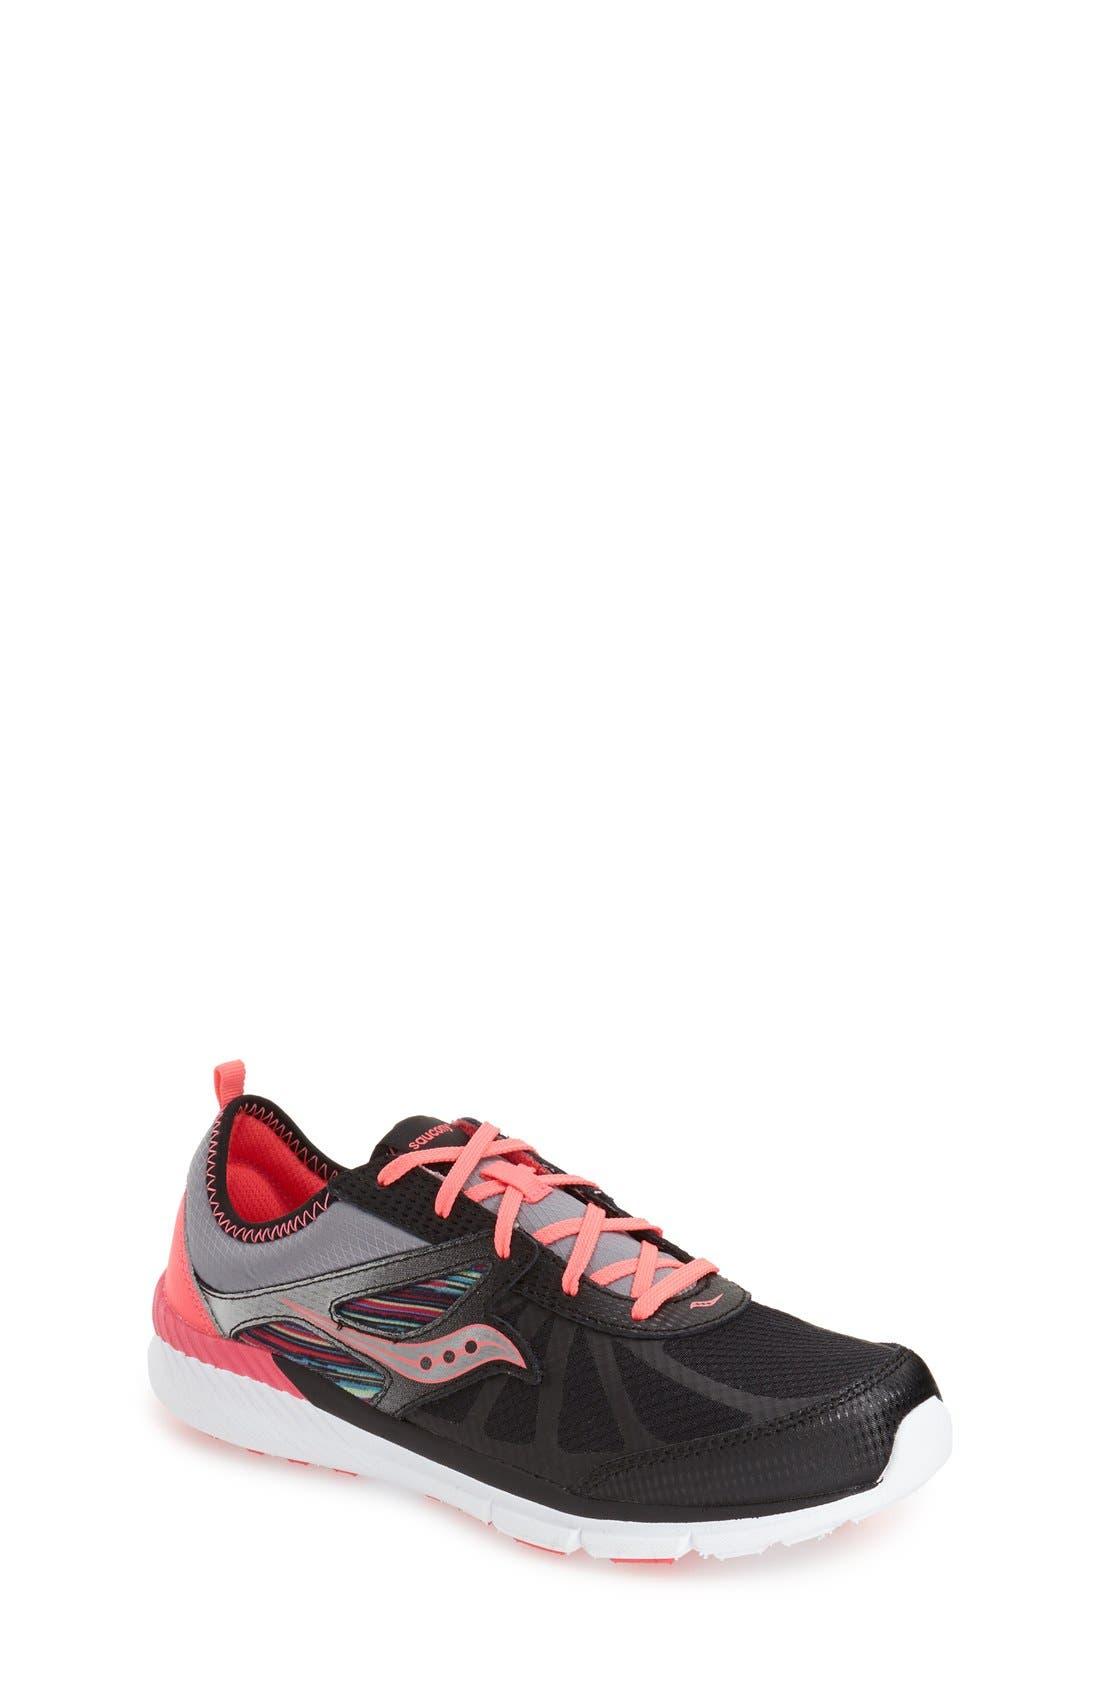 SAUCONY 'Volt' Athletic Shoe